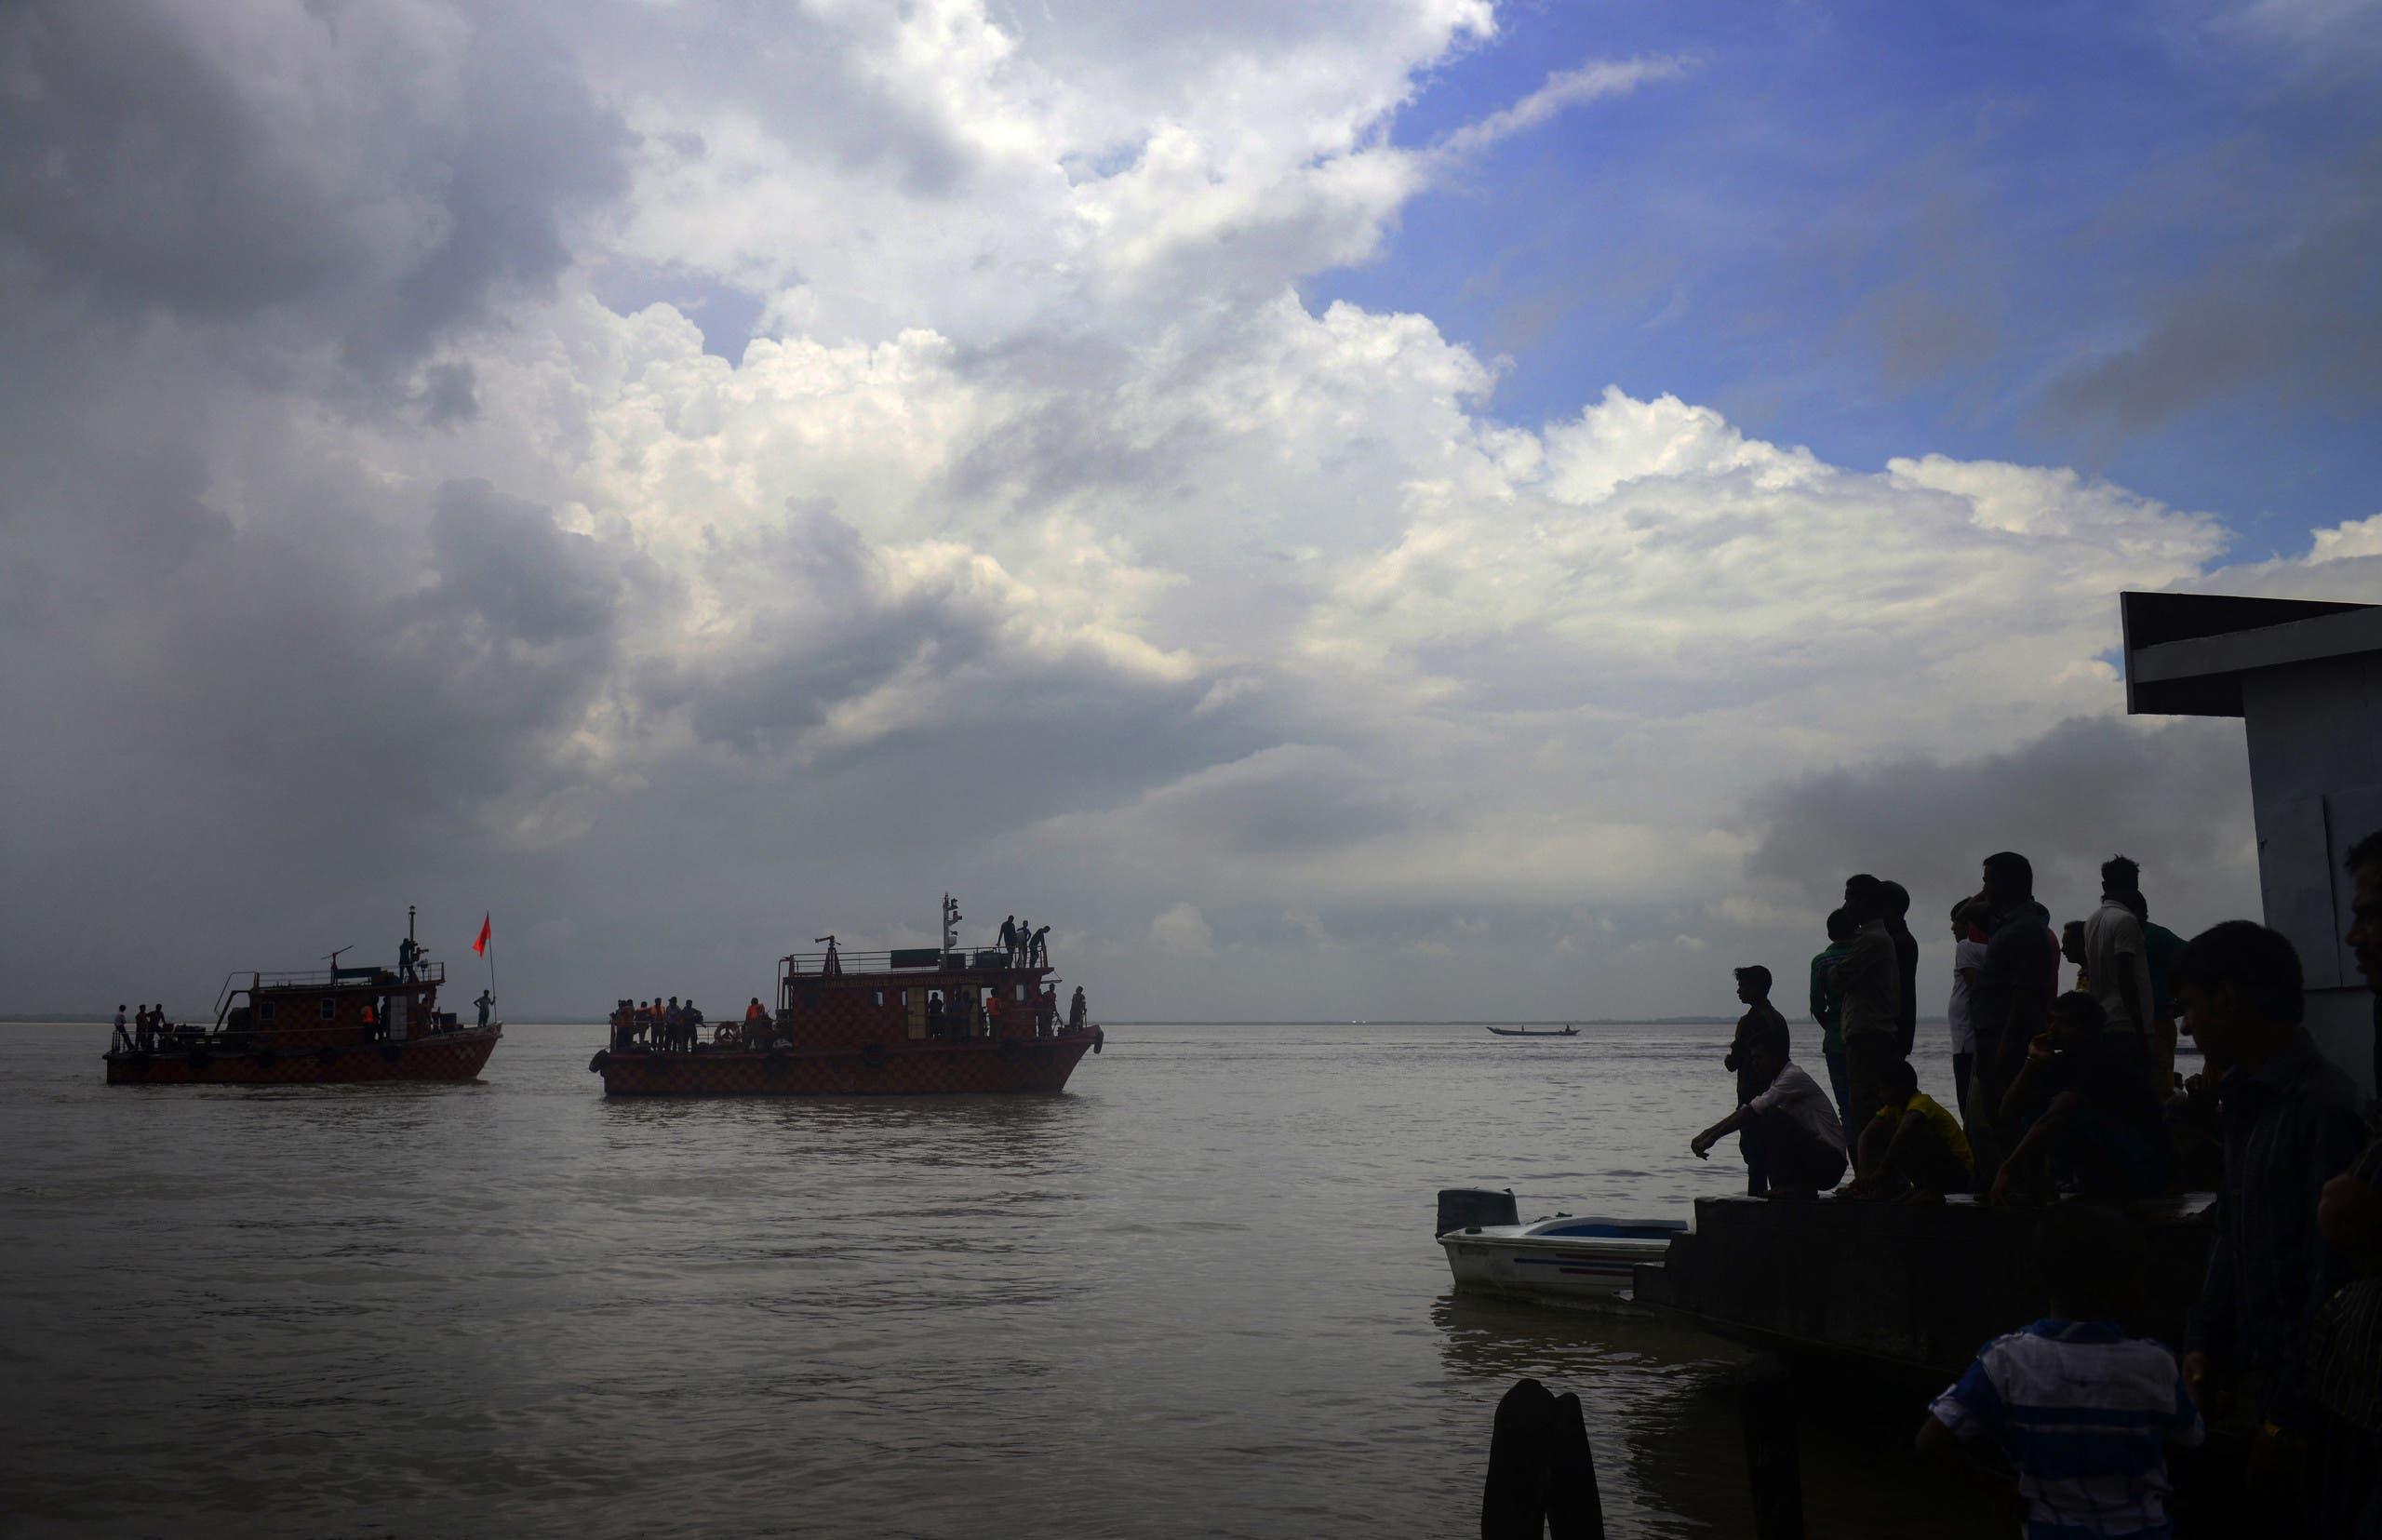 البحث عن ناجين في غرق قارب سابق في نهر بادما في 2014 (أرشيفية)